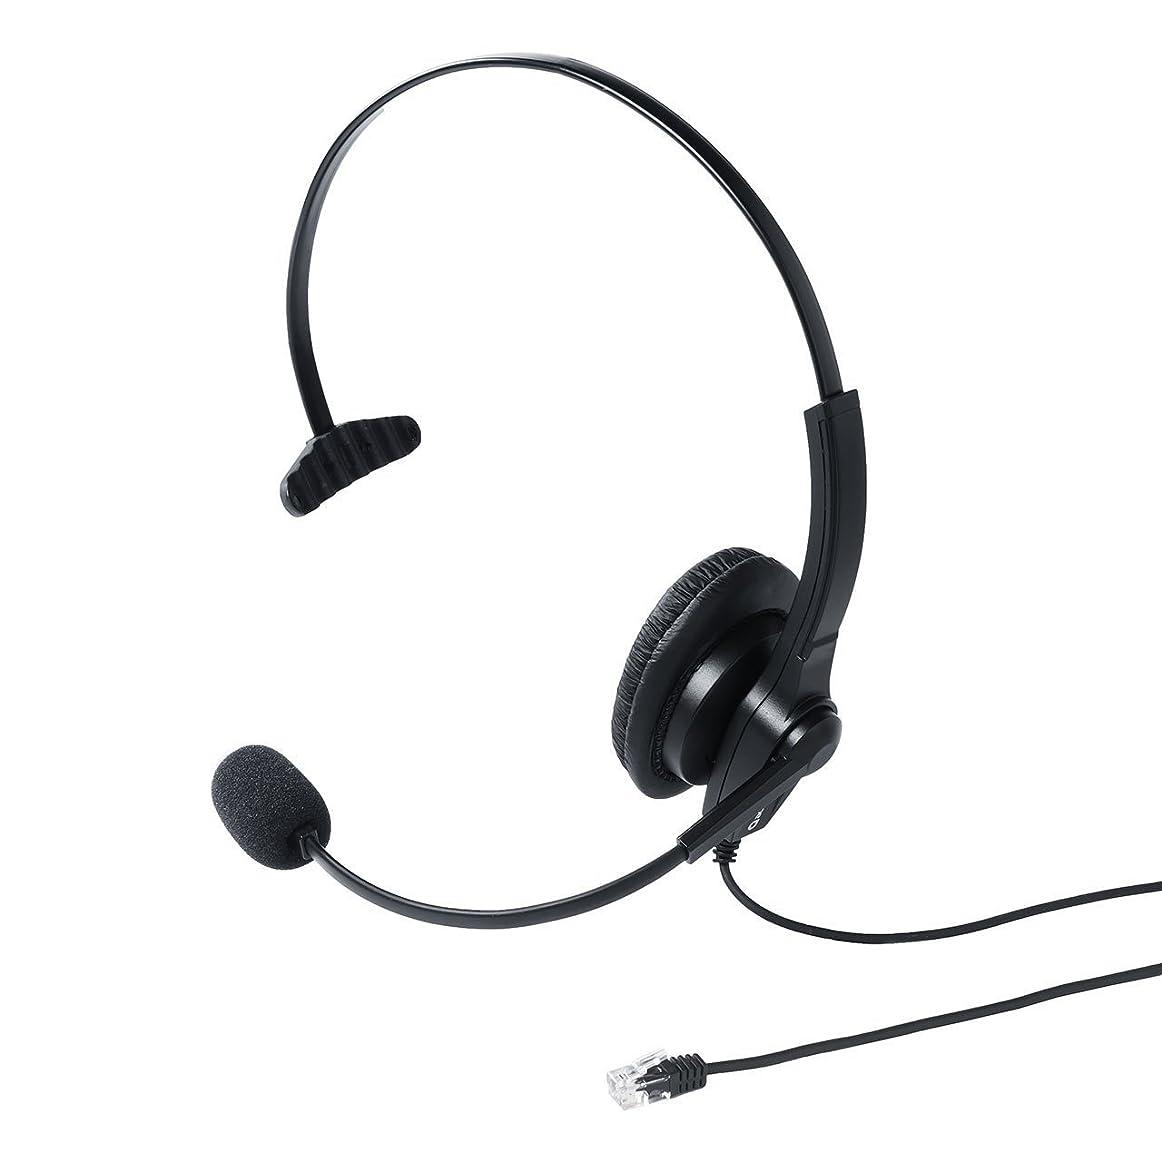 候補者性格訴えるイーサプライ ヘッドセット 固定電話用 RJ-9接続 マイク コールセンター 片耳タイプ EZ4-HS043